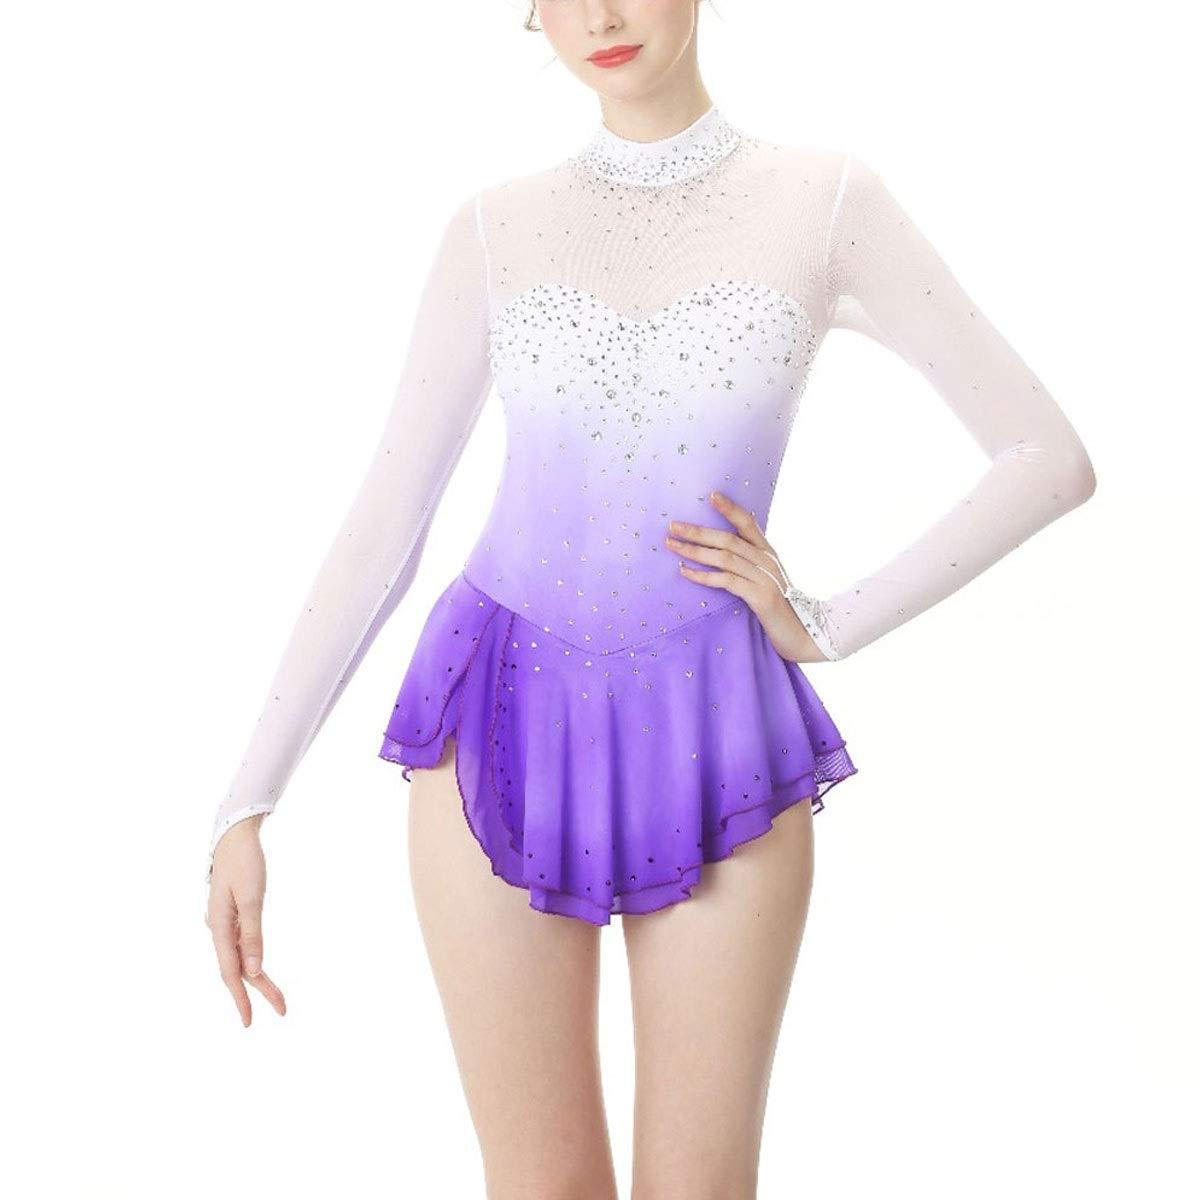 フィギュアスケートドレスレディース/女の子用アイススケートドレスパープルヘイロー染色 パープル M